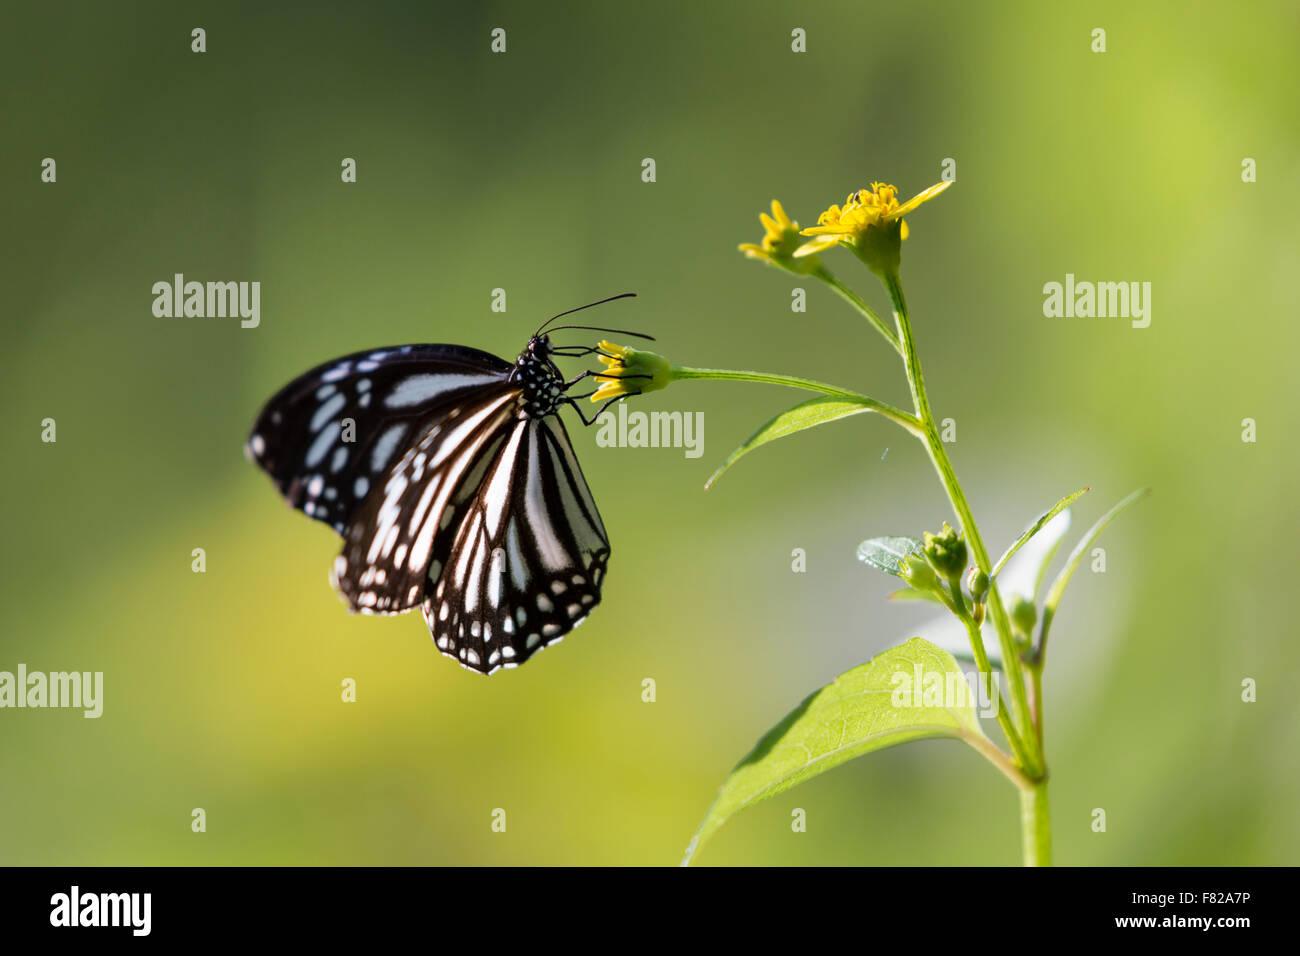 Common Mime (Papilio clytia) feeding on a flower - Stock Image